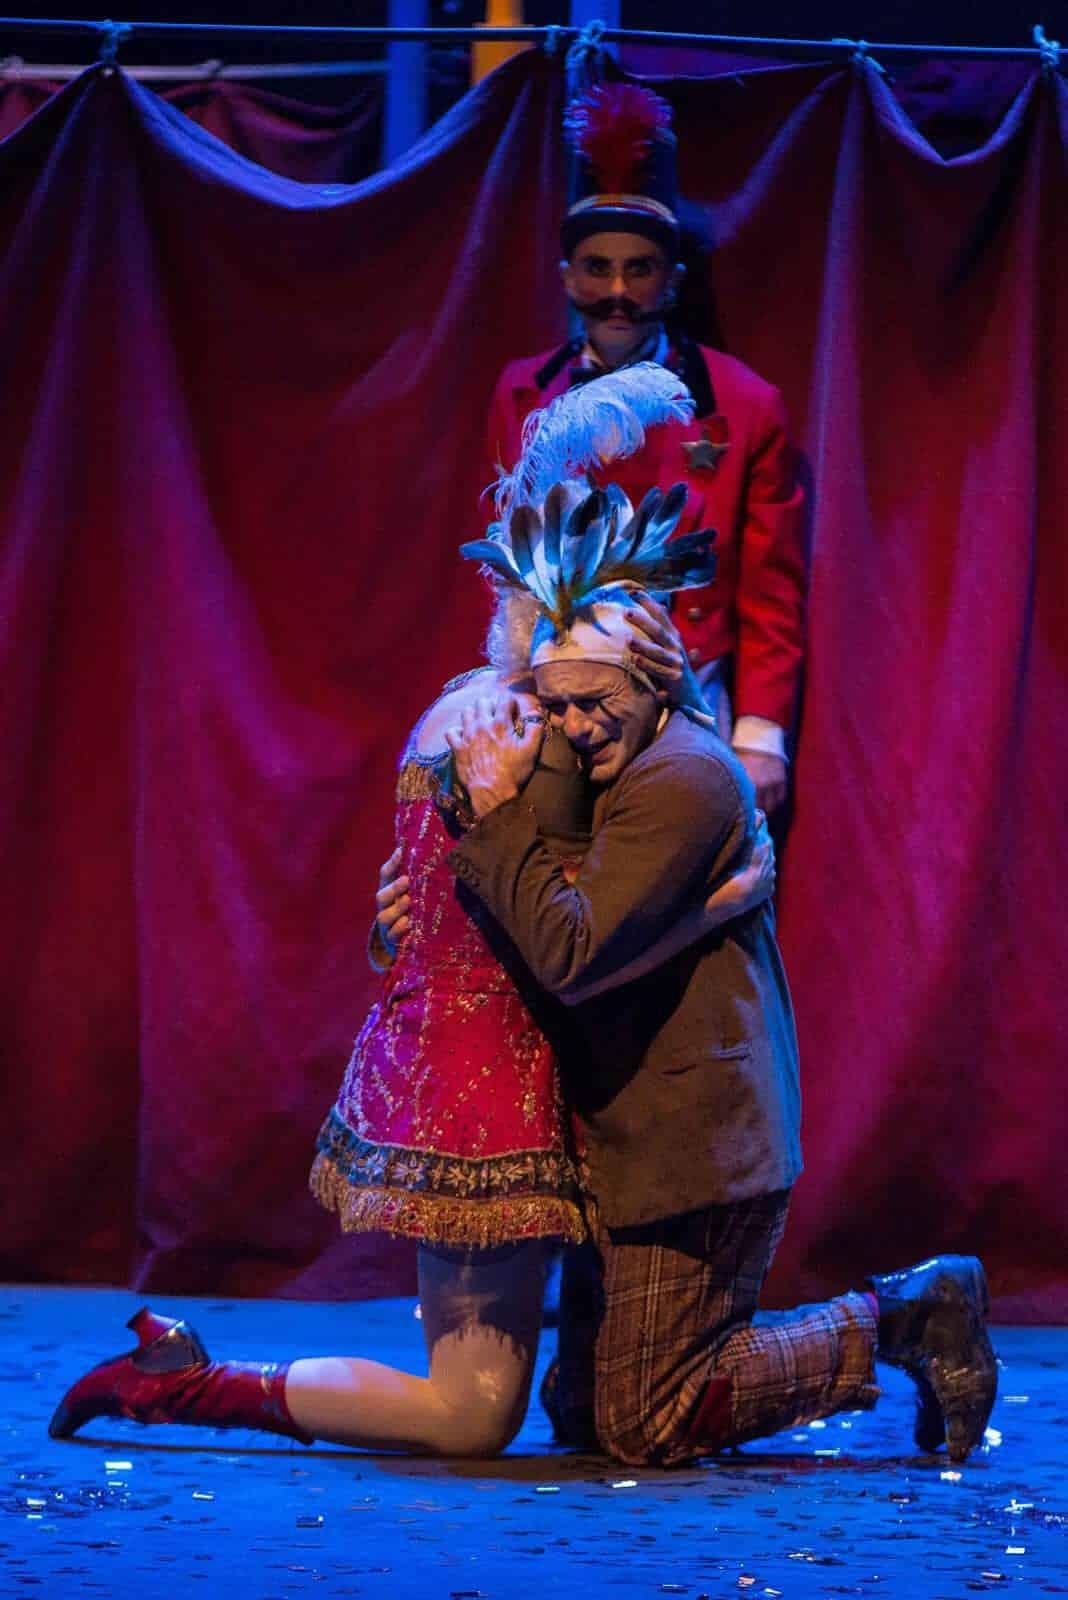 Circo equestre Sgueglia-Teatro Stabile Napoli-10